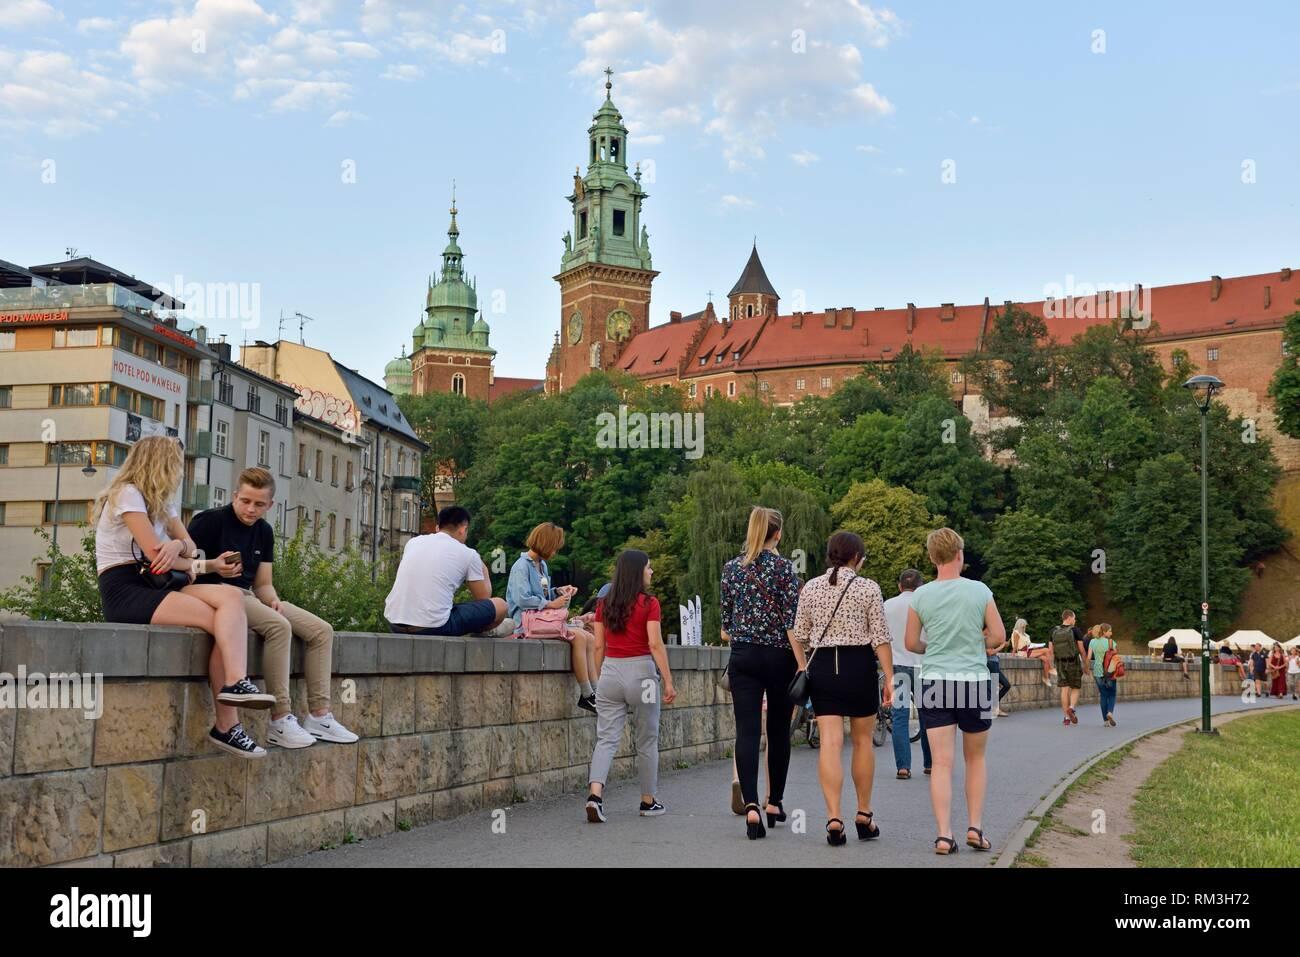 Trottoir le long de la Vistule, au pied du château de Wawel, la province de Malopolska (Petite Pologne), la Pologne, l'Europe centrale. Banque D'Images